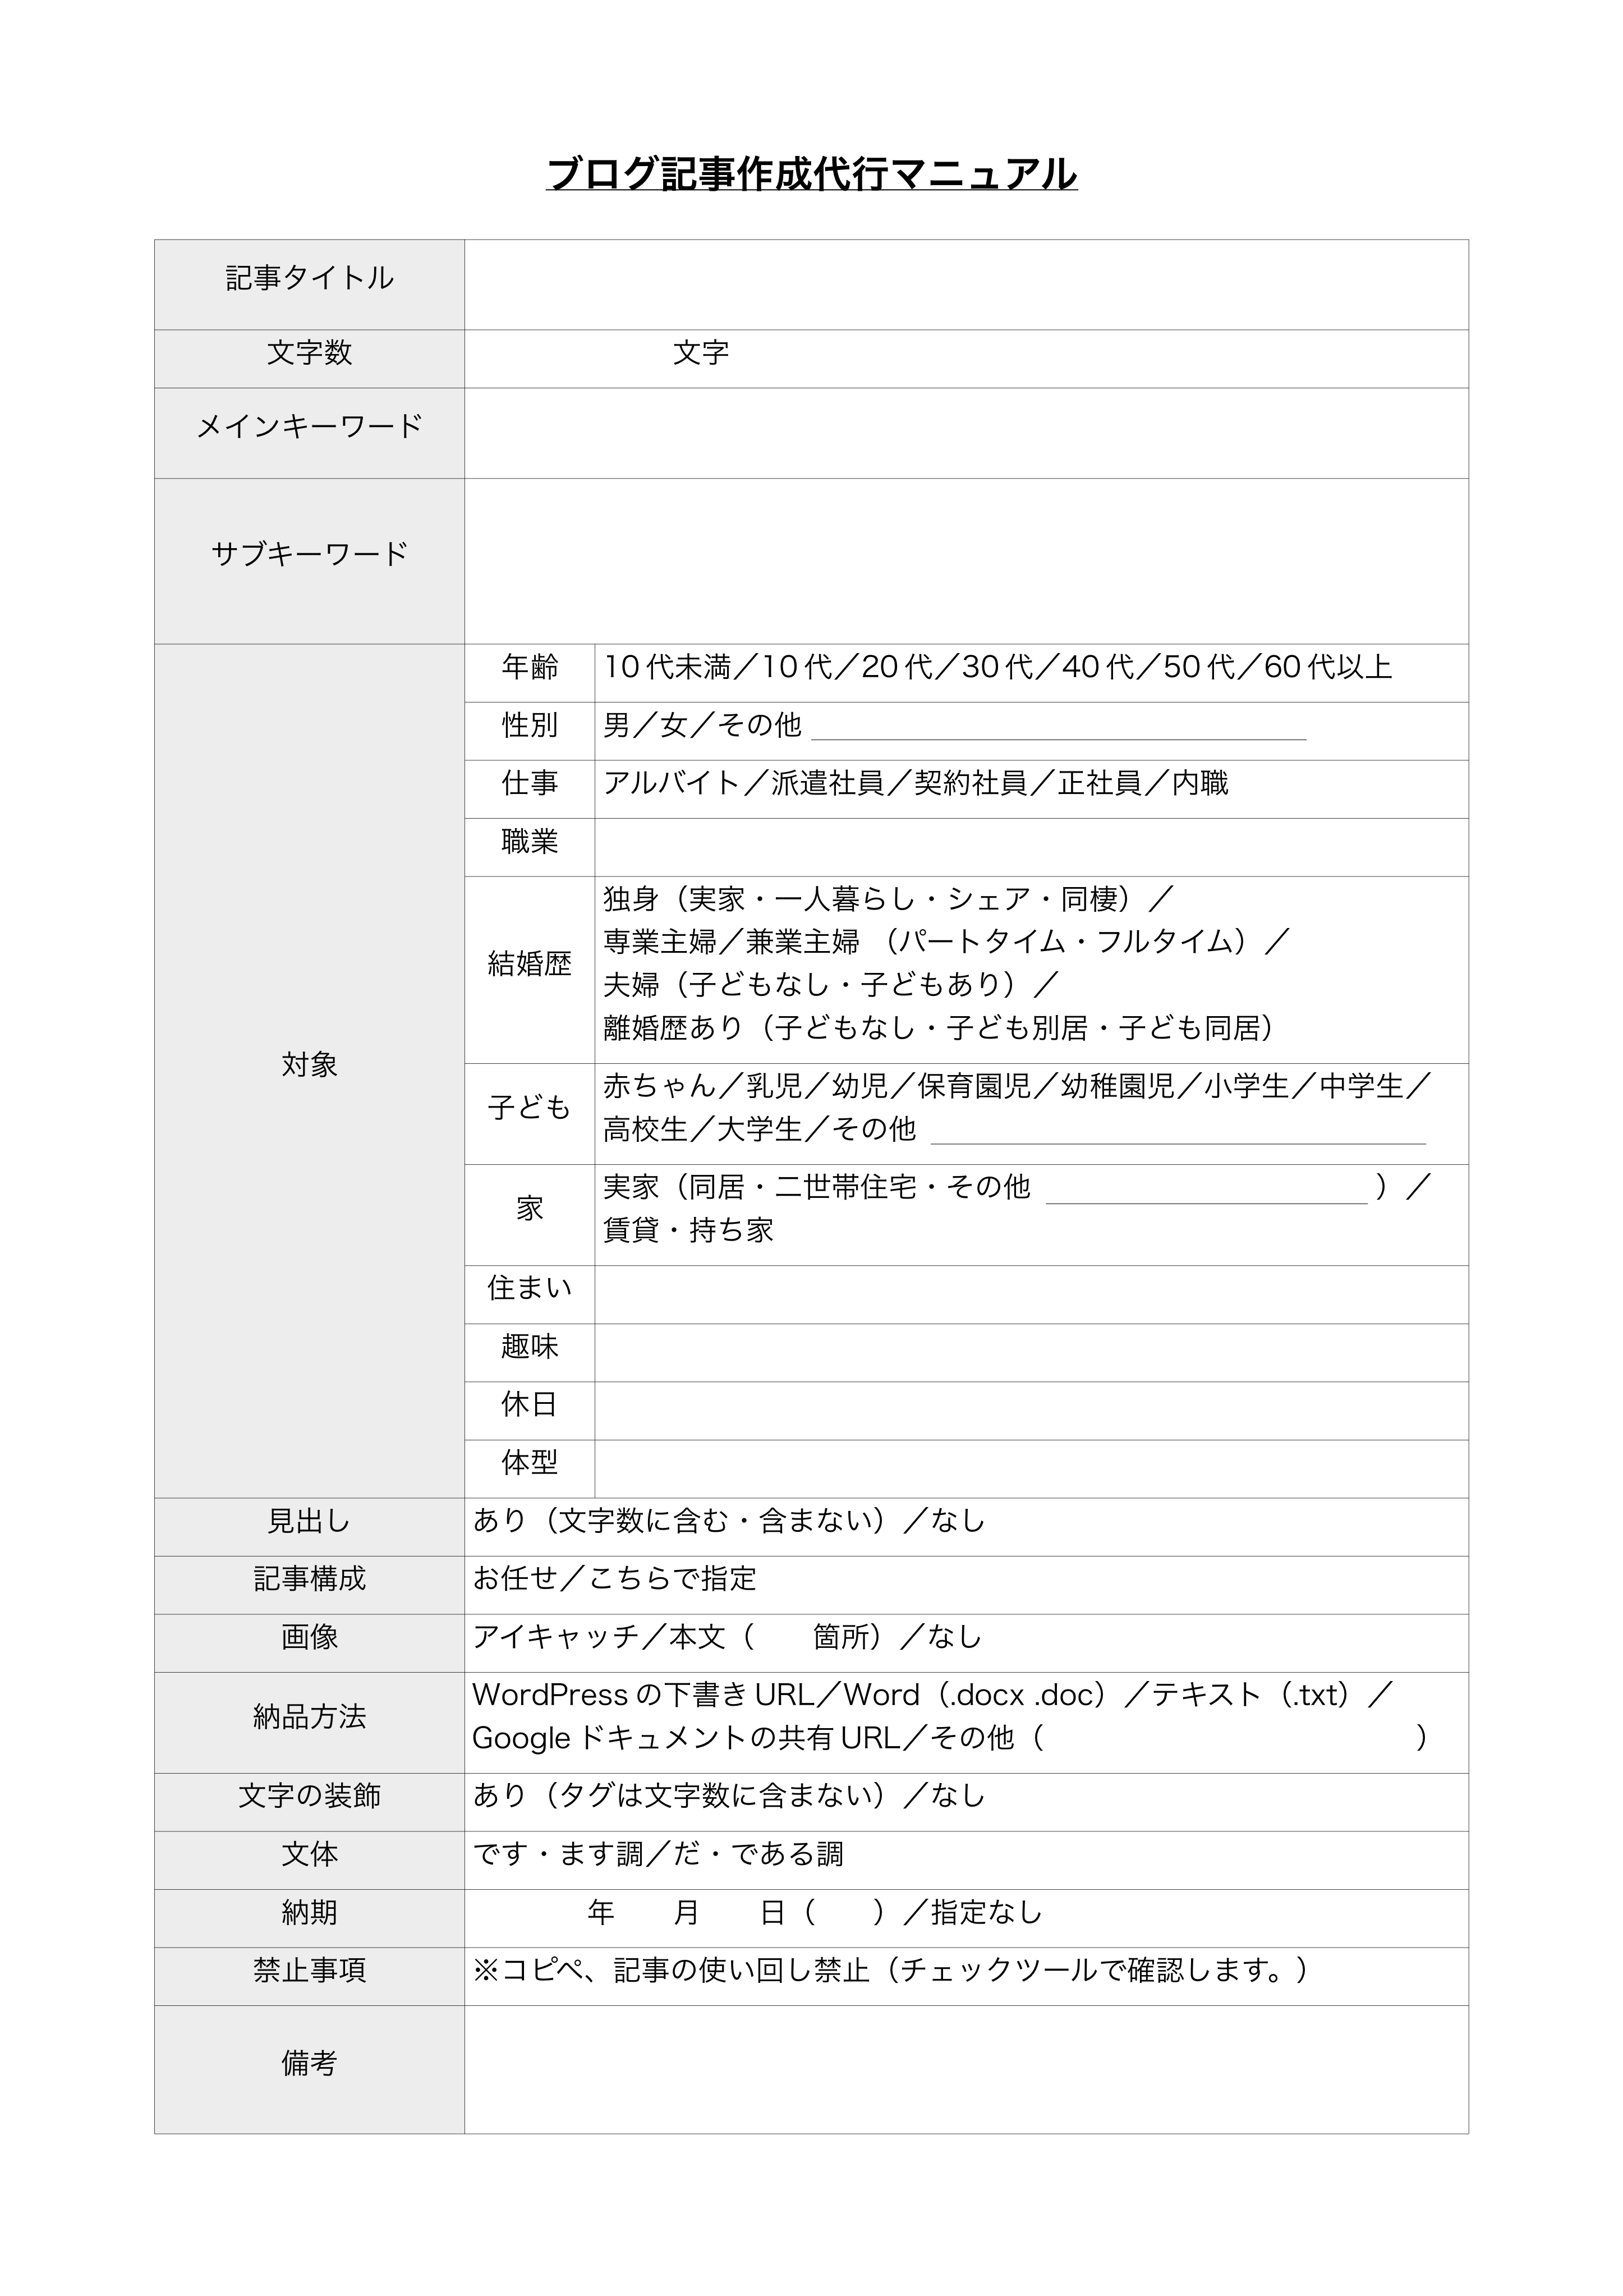 ブログ記事作成代行マニュアル